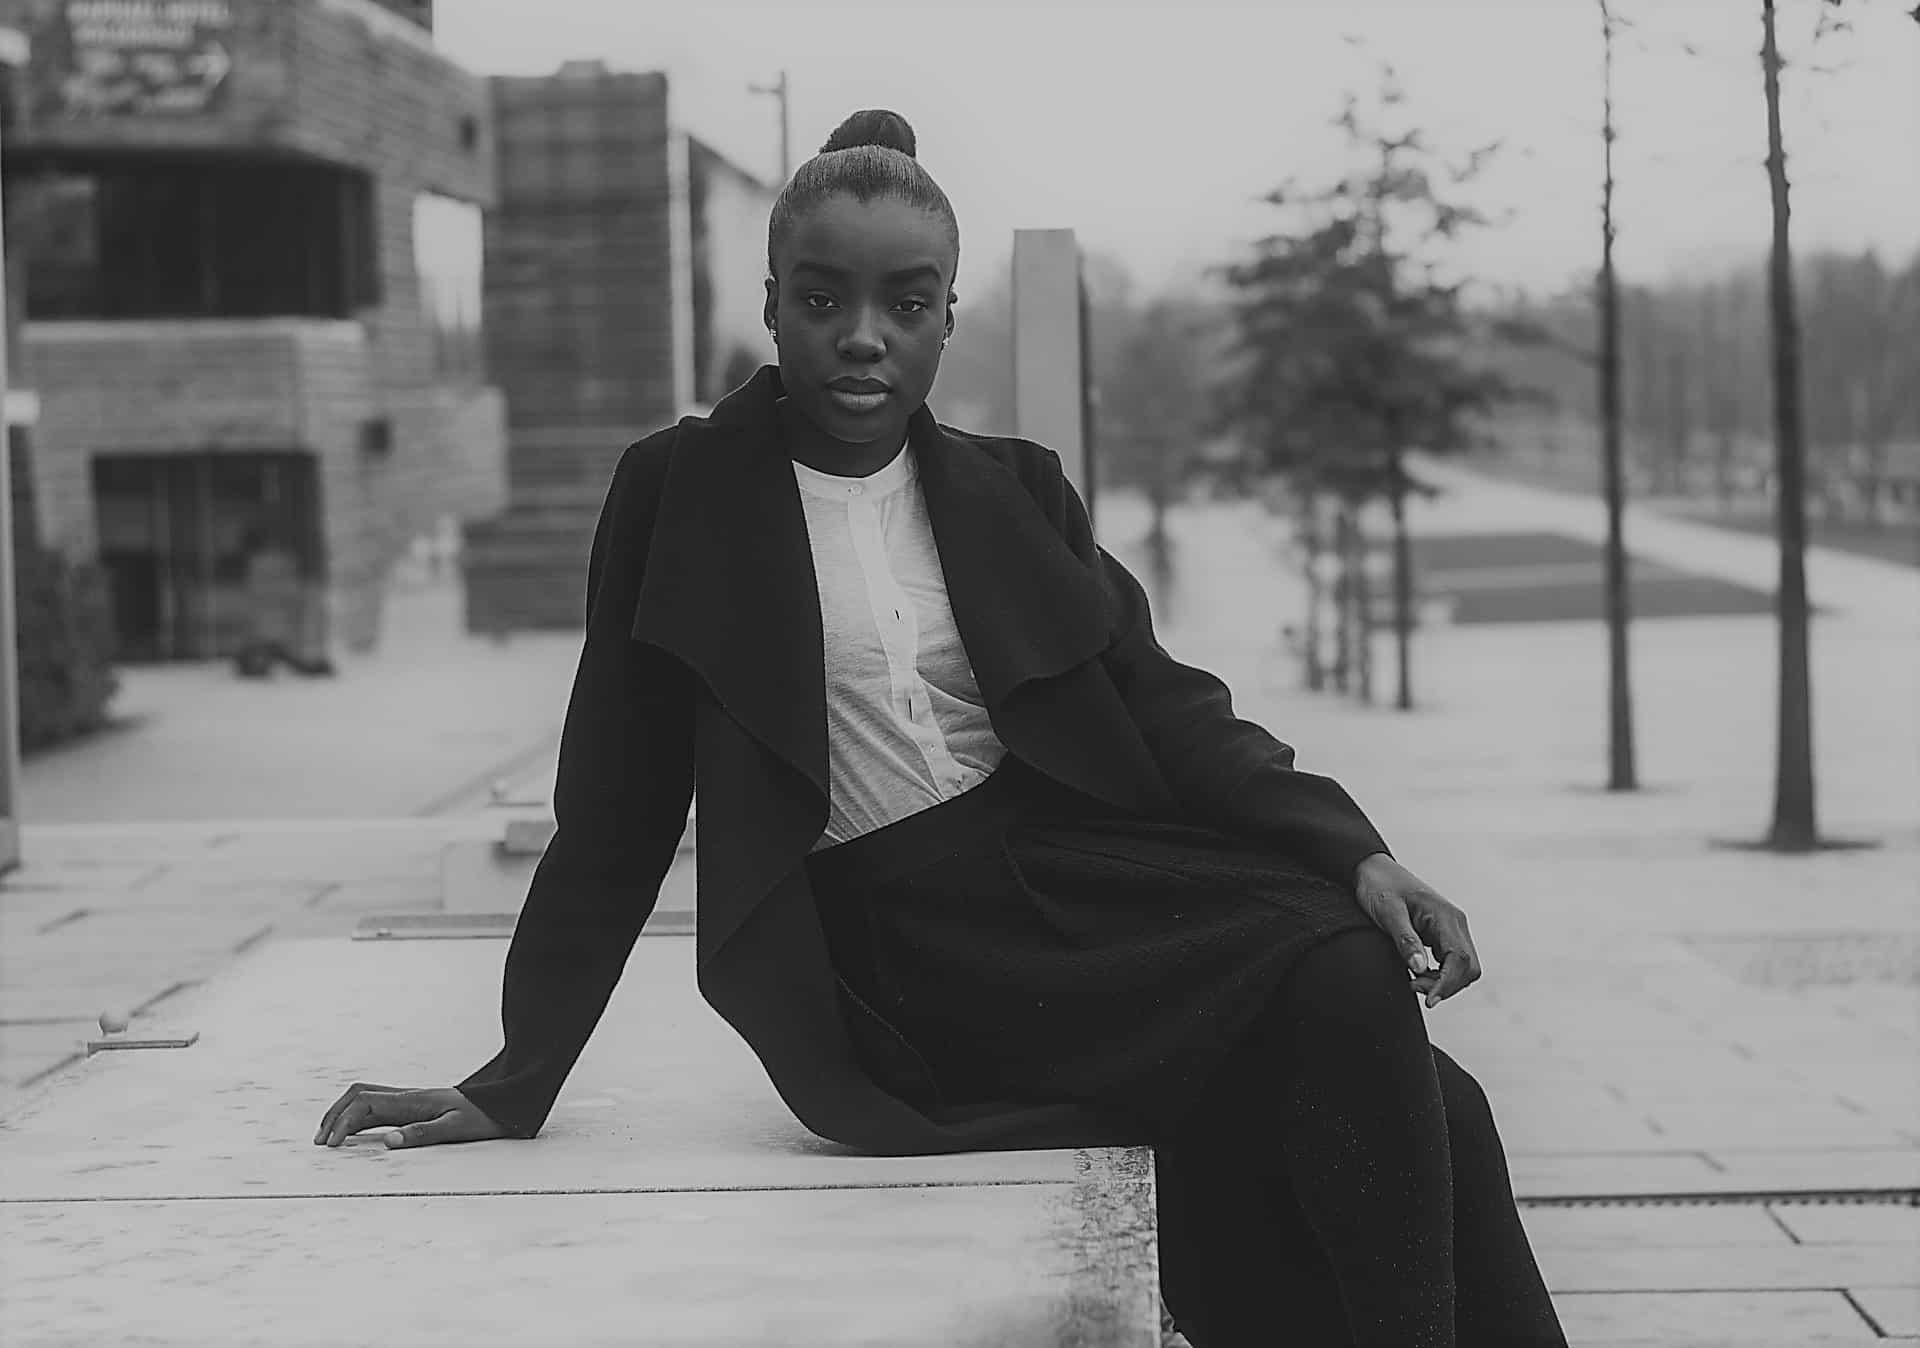 Mujer afro vestida elegantemente, sentada sobre una banqueta en la calle de una ciudad.